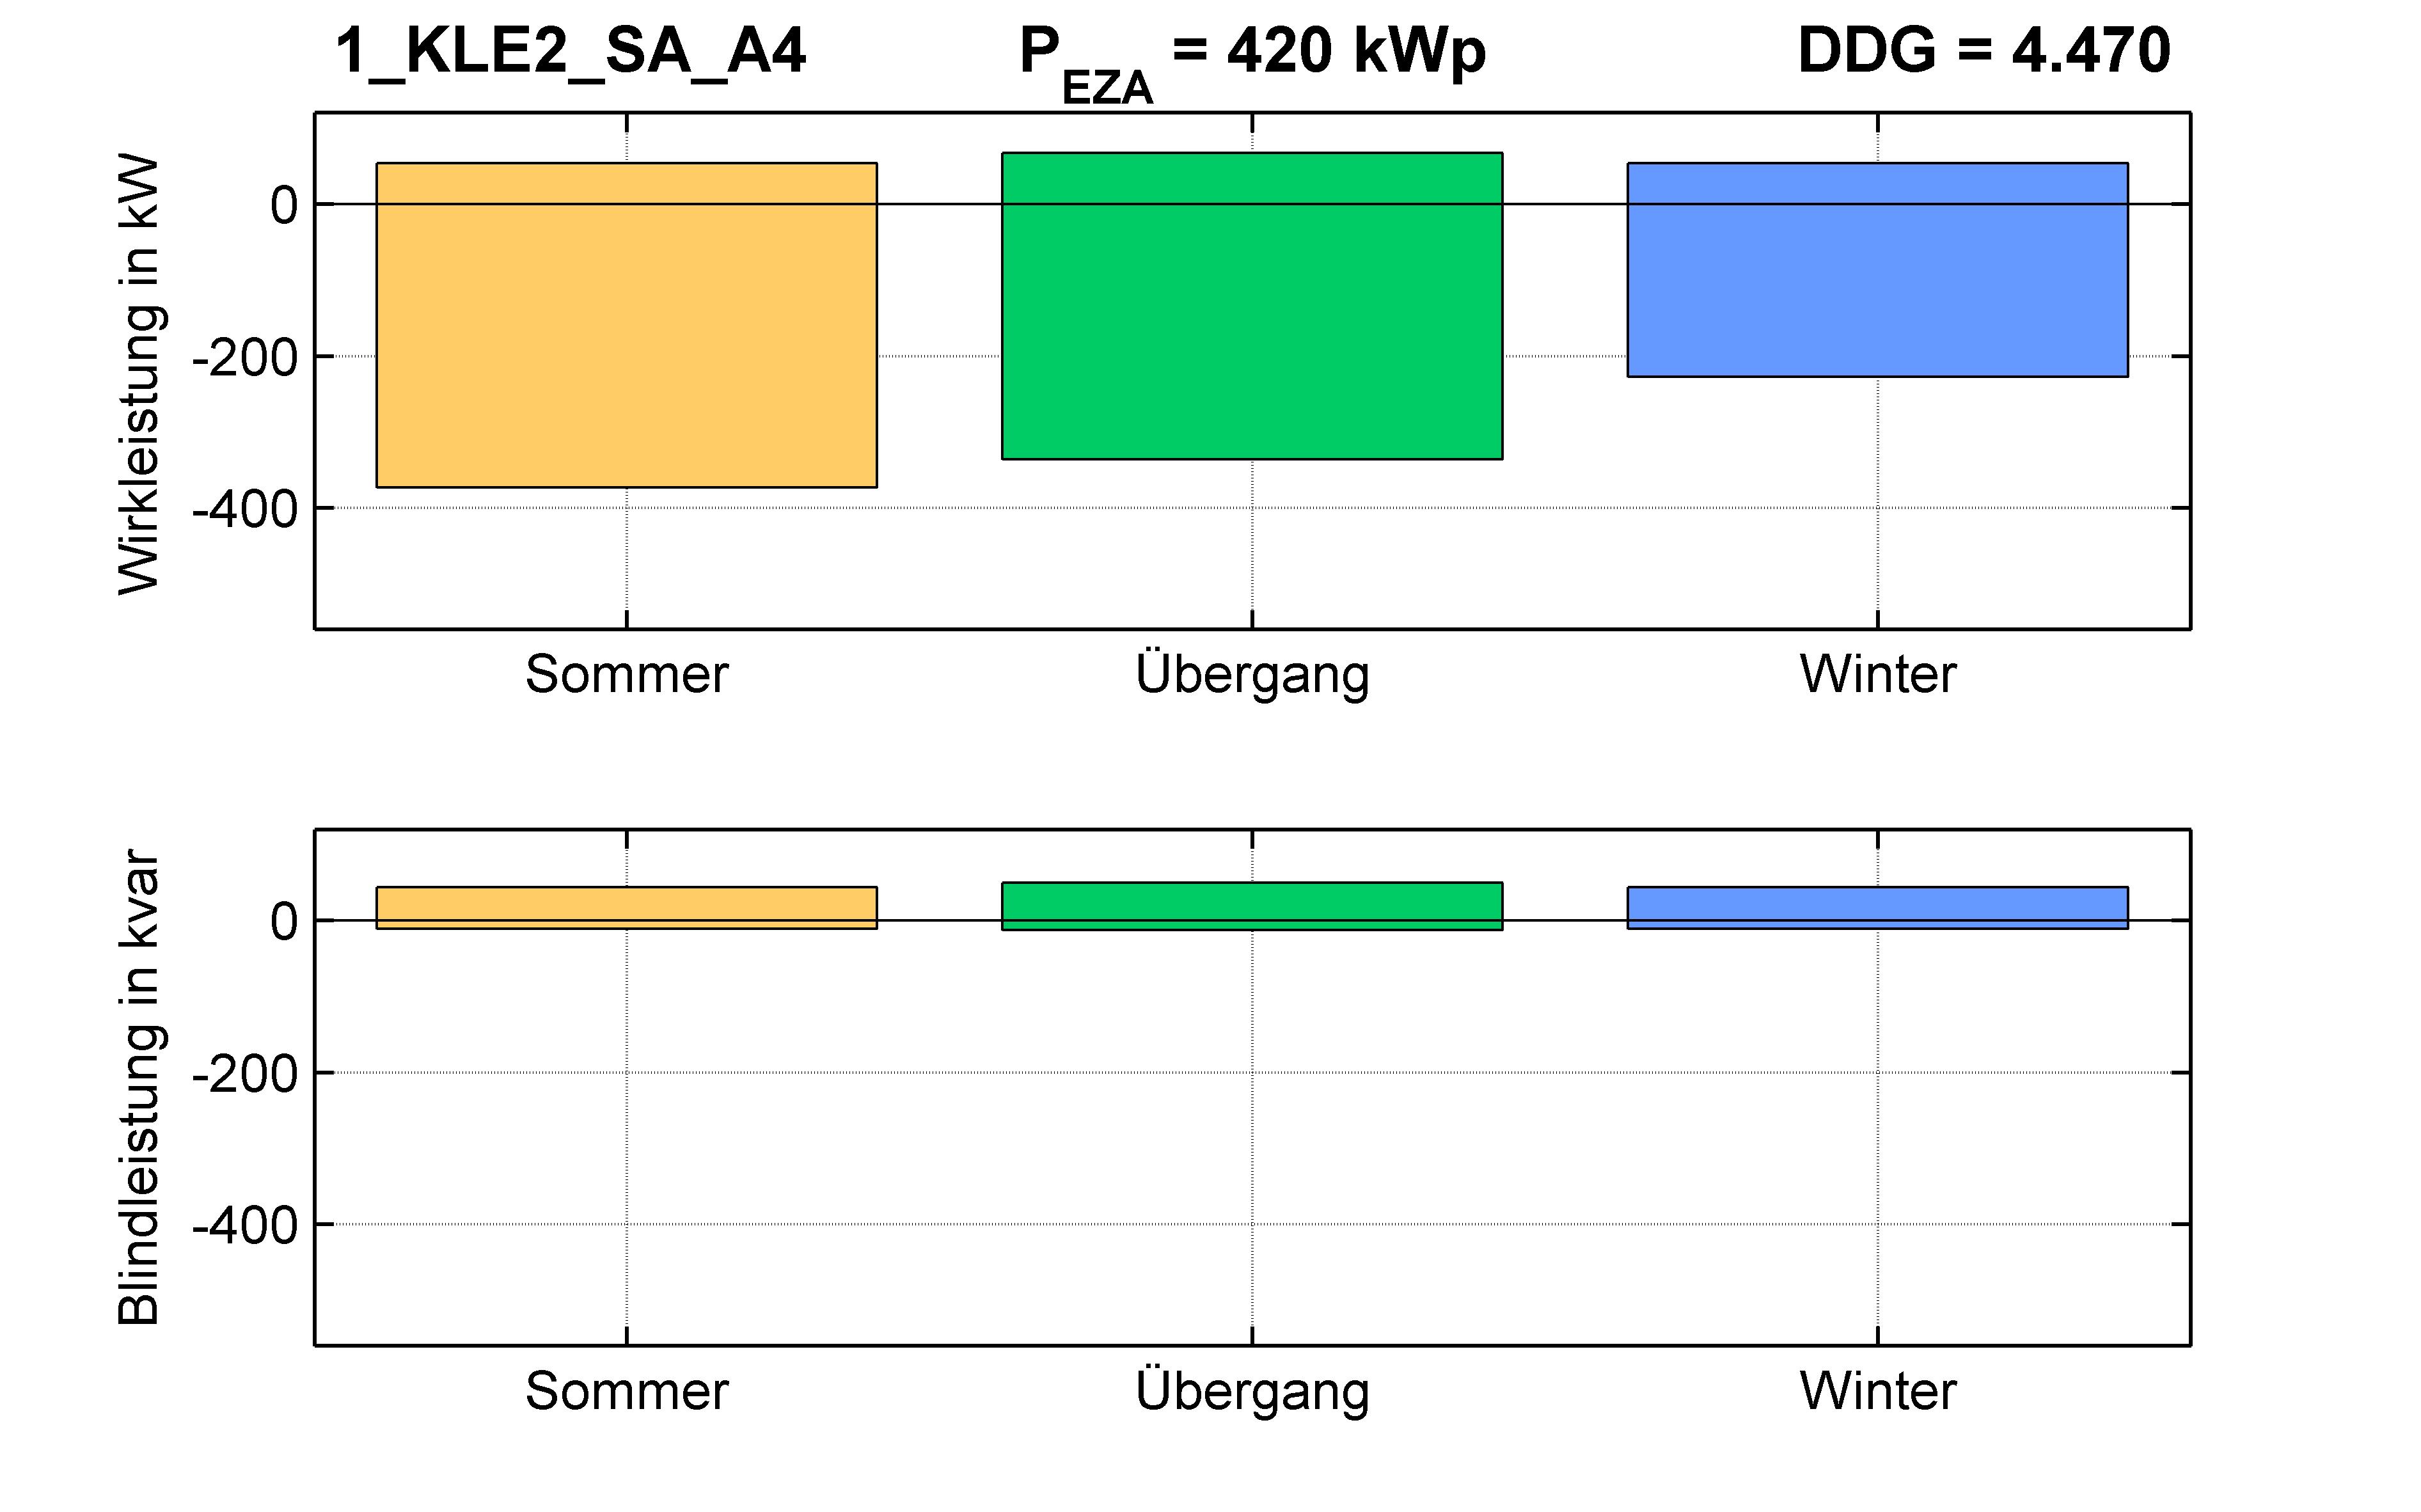 KLE2 | KABEL (SA) A4 | PQ-Bilanz